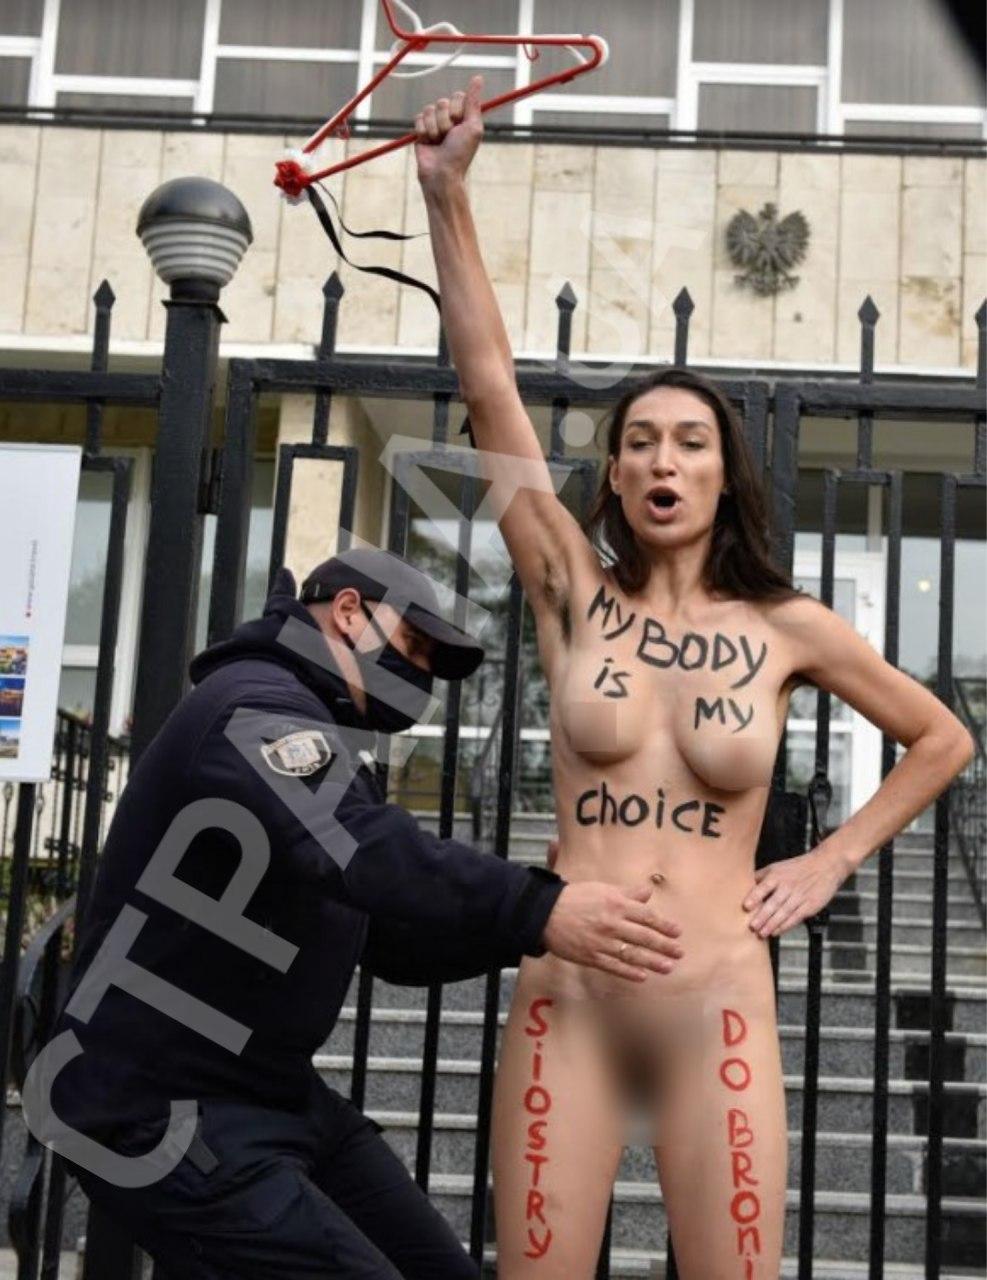 Українка повністю оголилася біля посольства Польщі, протестуючи проти заборони абортів